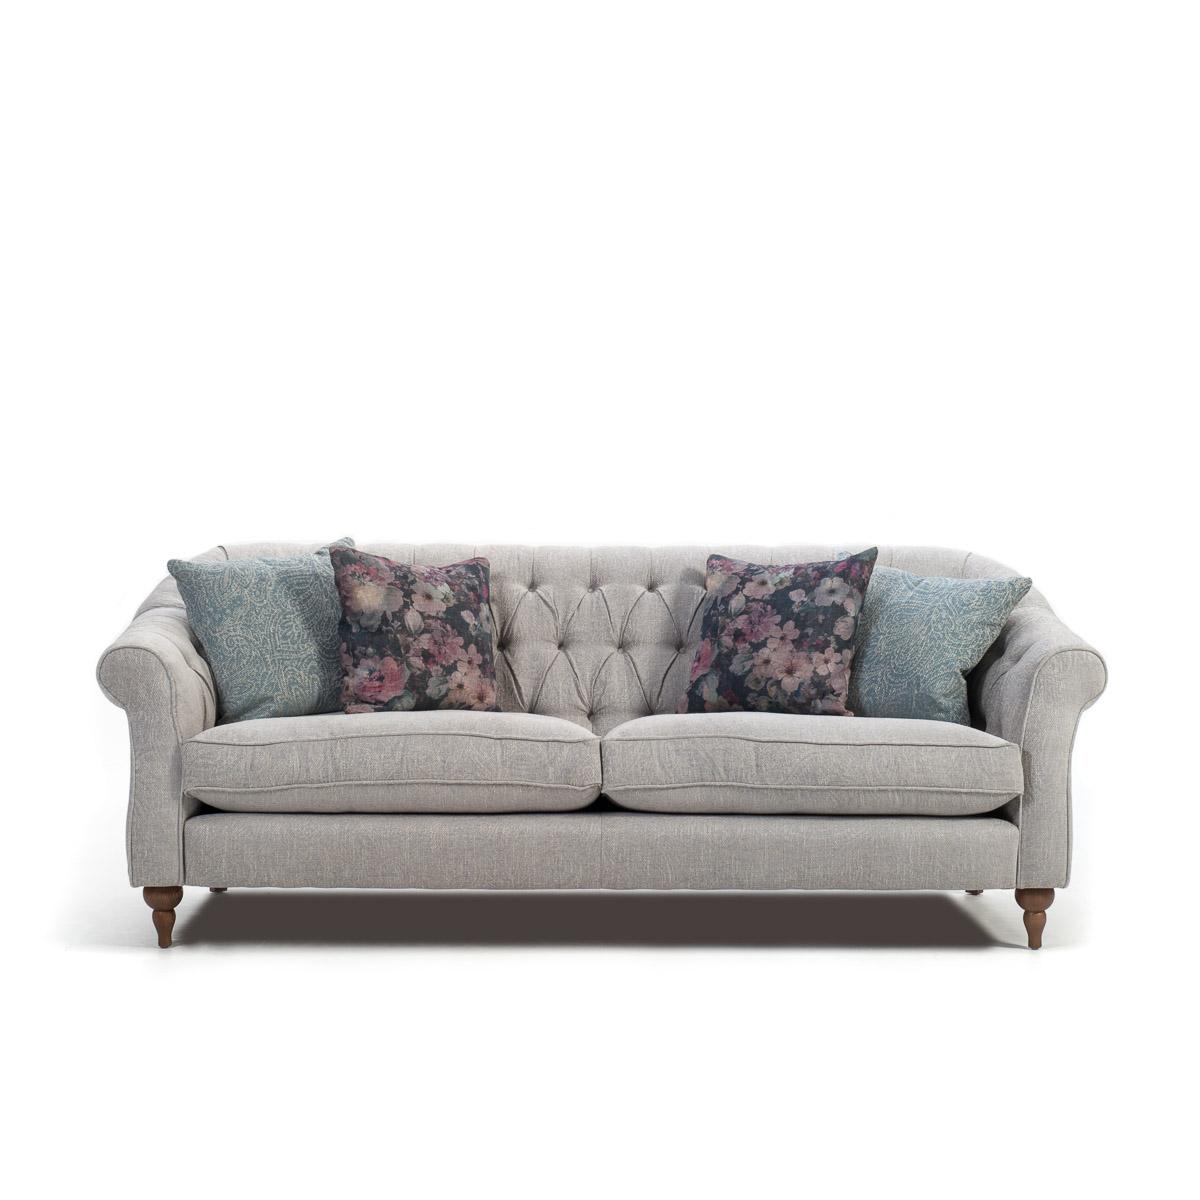 Maddock Extra Large Sofa